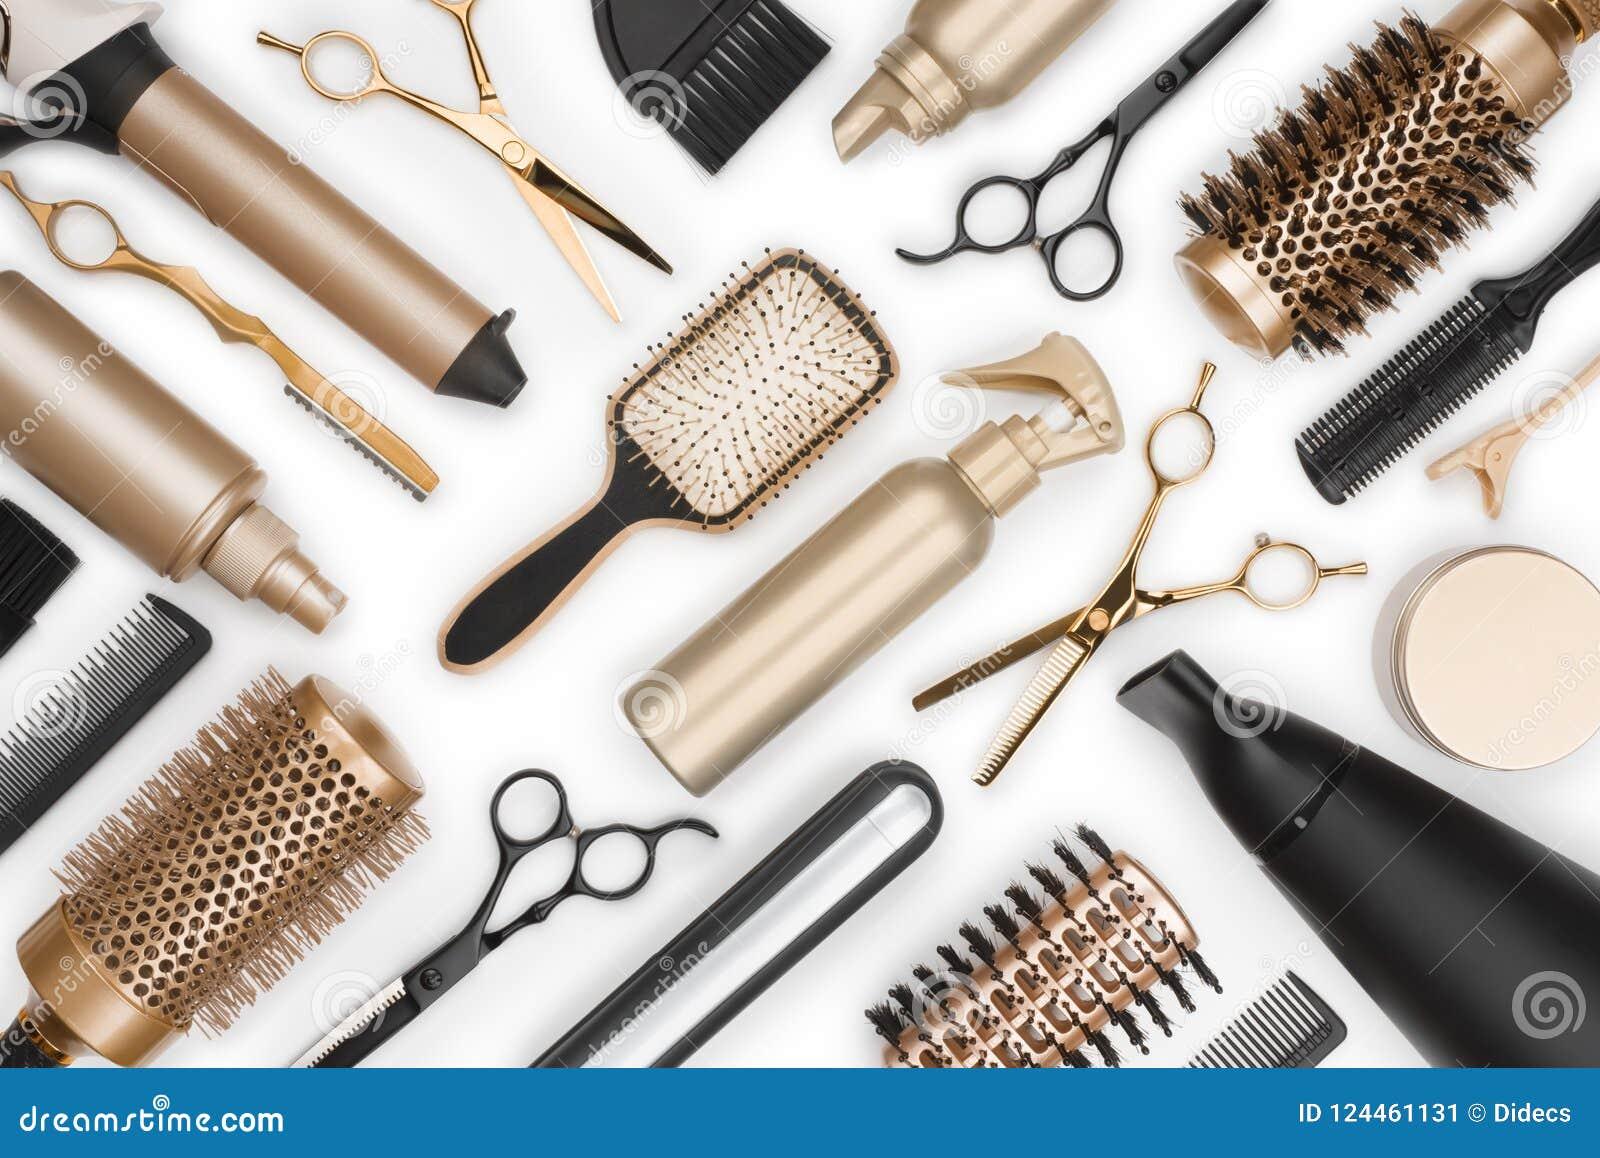 Full Frame Of Professional Hair Dresser Tools On White ...